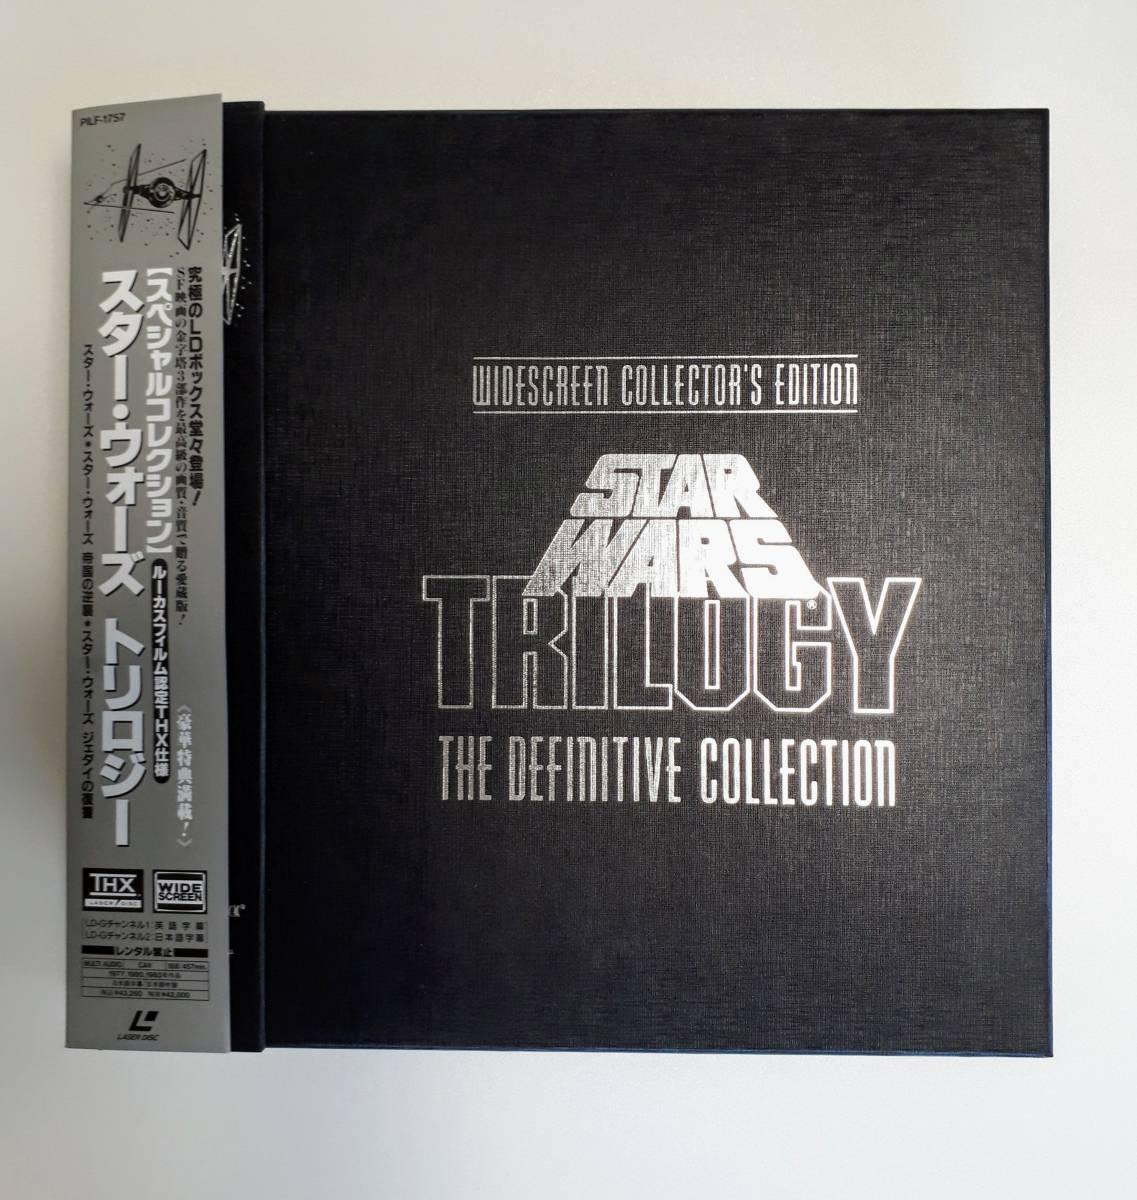 LD BOX 帯 スター・ウォーズ トリロジー  スペシャルコレクション 豪華特典満載 レーザーディスク_画像1